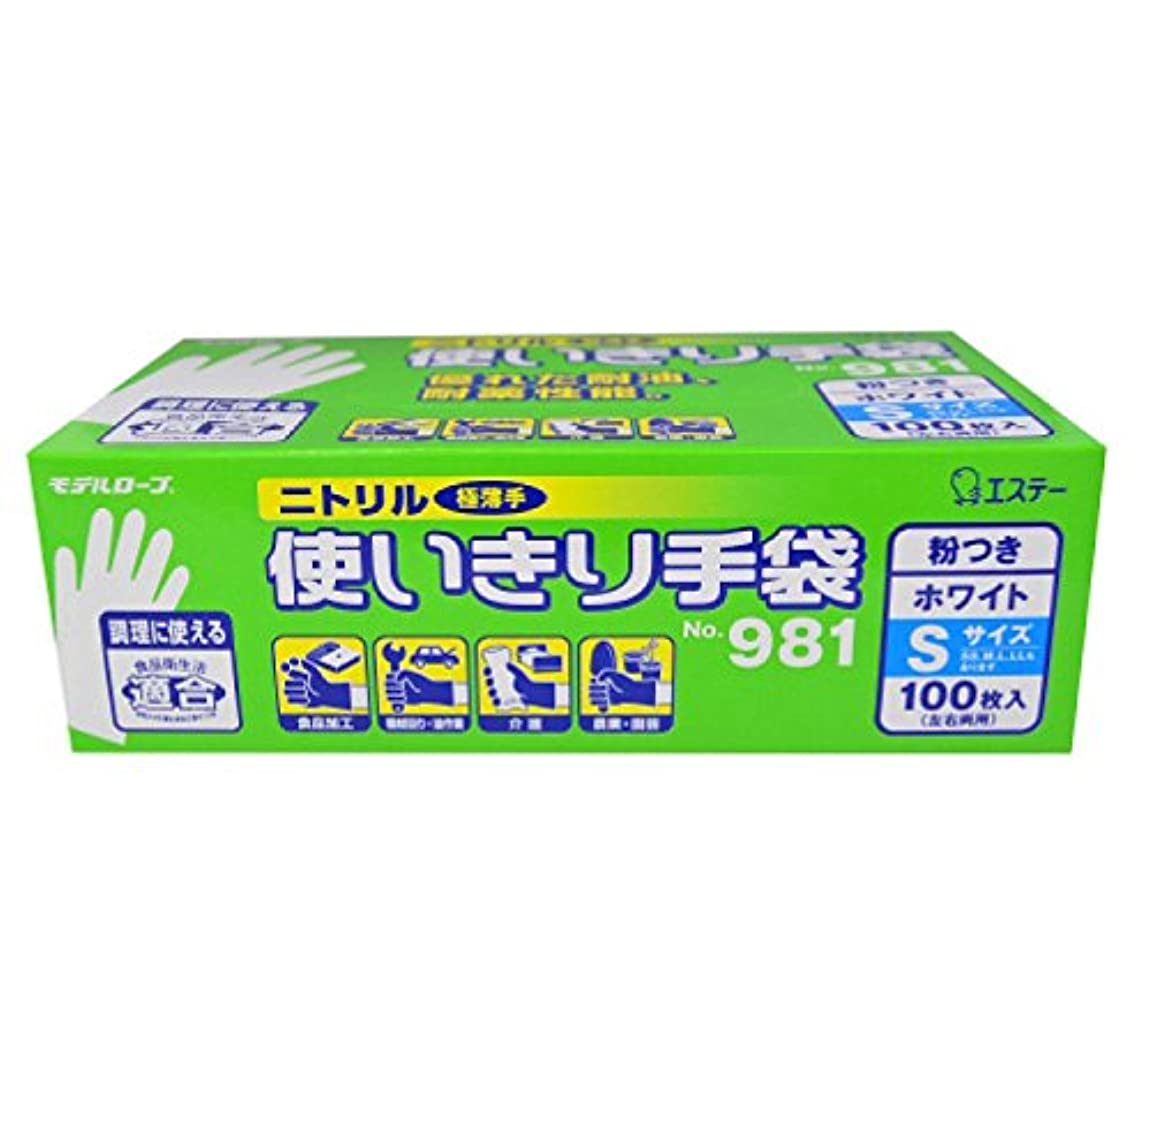 義務付けられた有名な雨のエステー/ニトリル使いきり手袋 箱入 (粉つき) [100枚入]/品番:981 サイズ:S カラー:ブルー